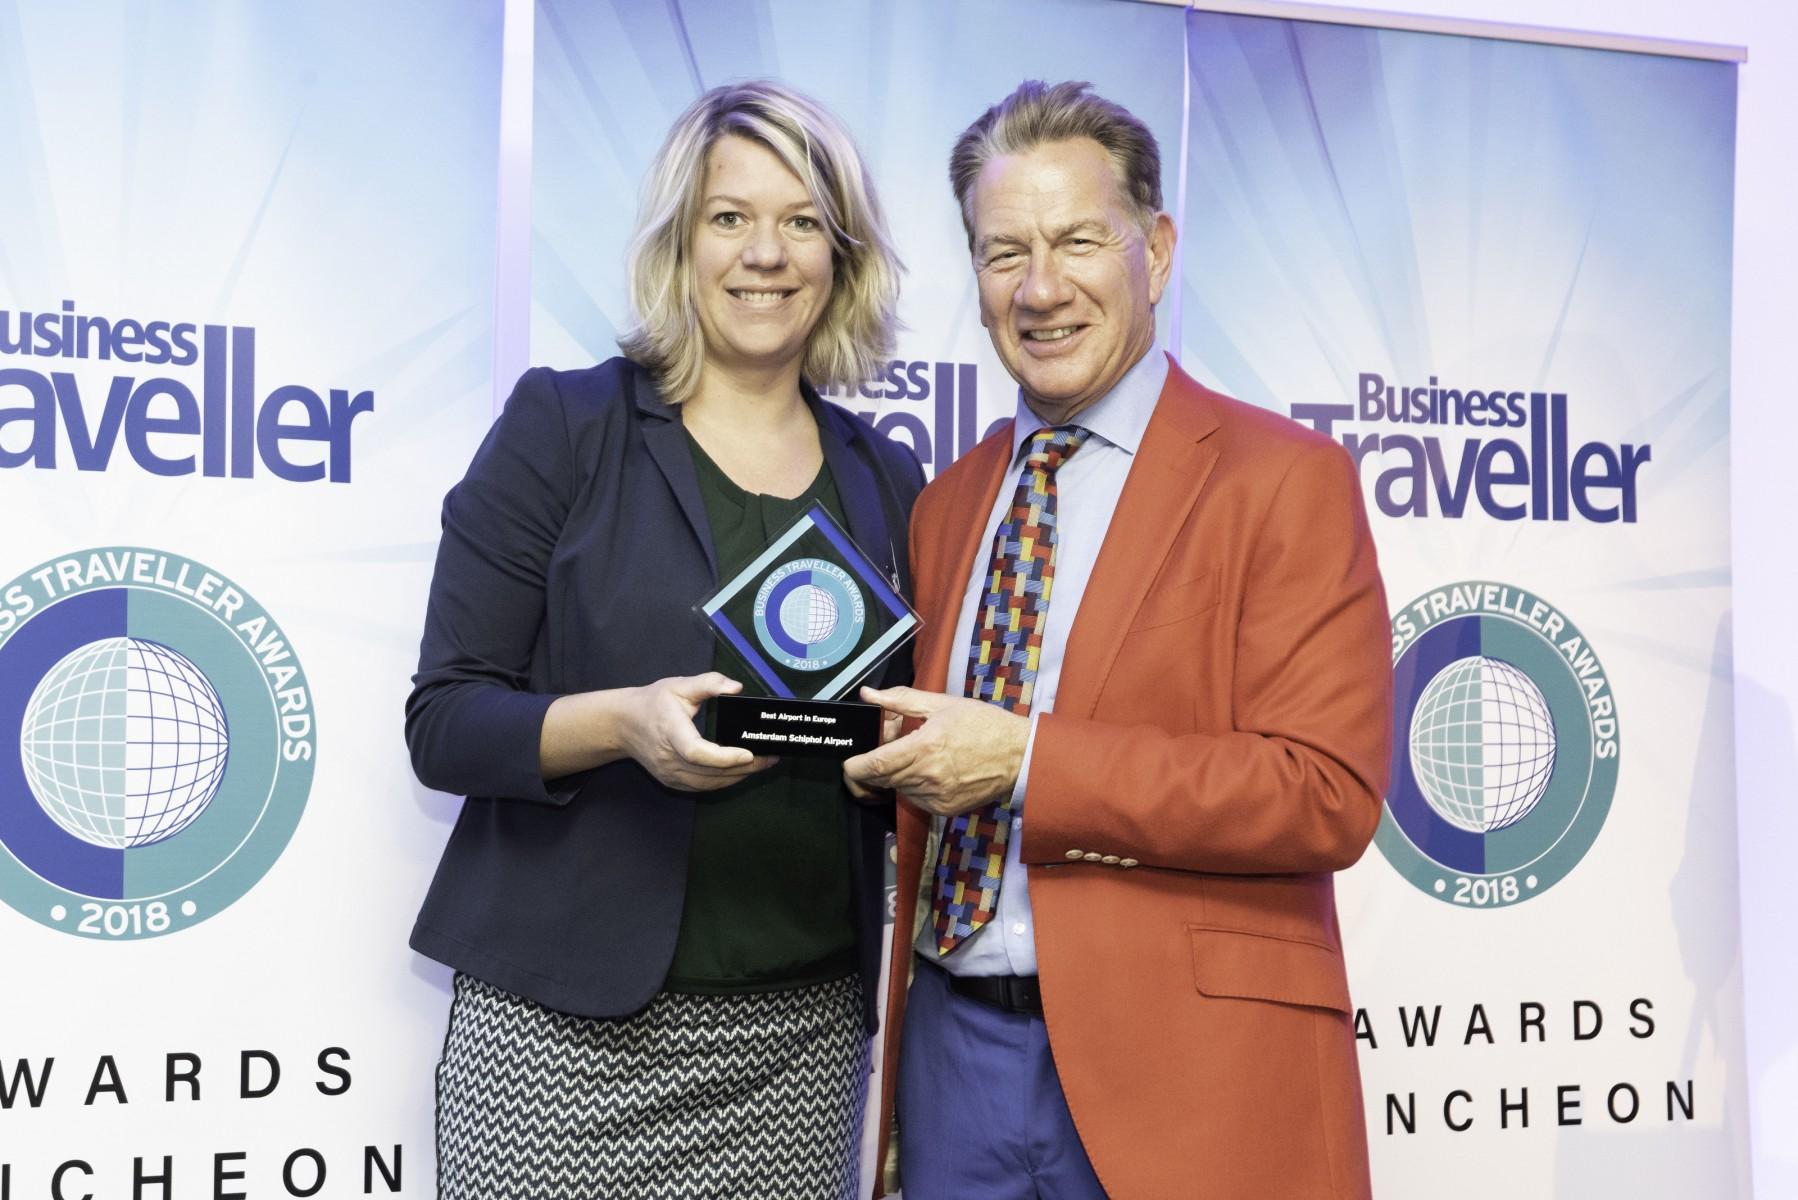 Uitreiking van de Best Airport Award (Beeld: Business Traveller)